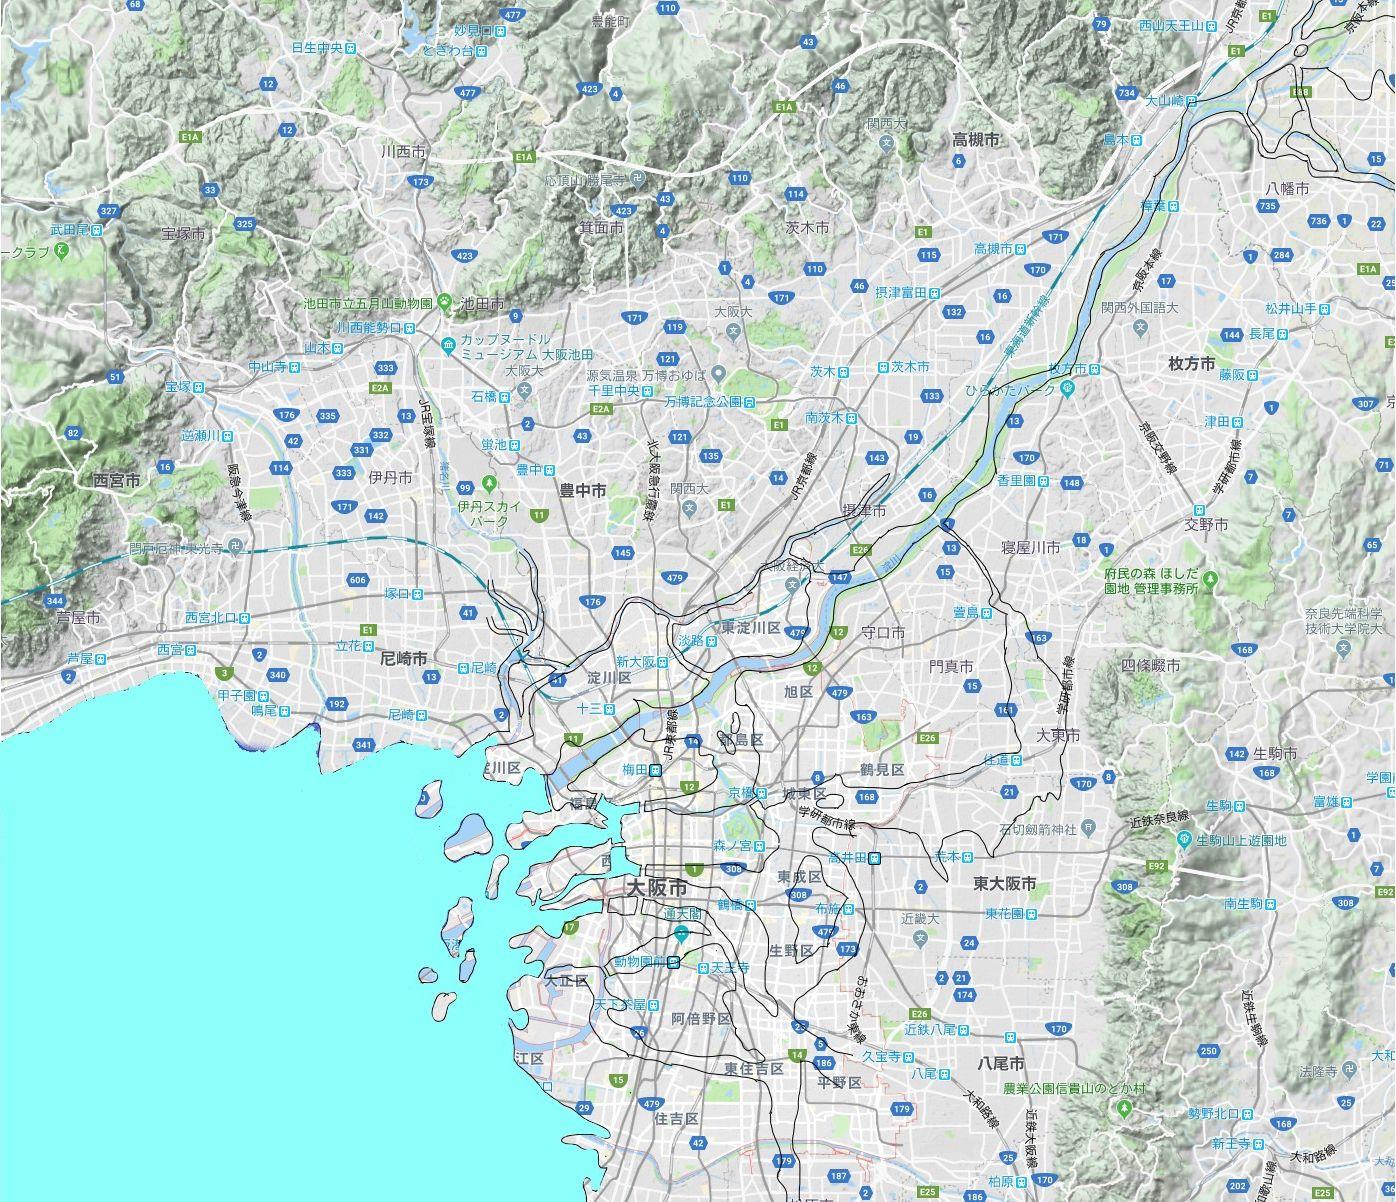 大阪市の地図 色を塗る